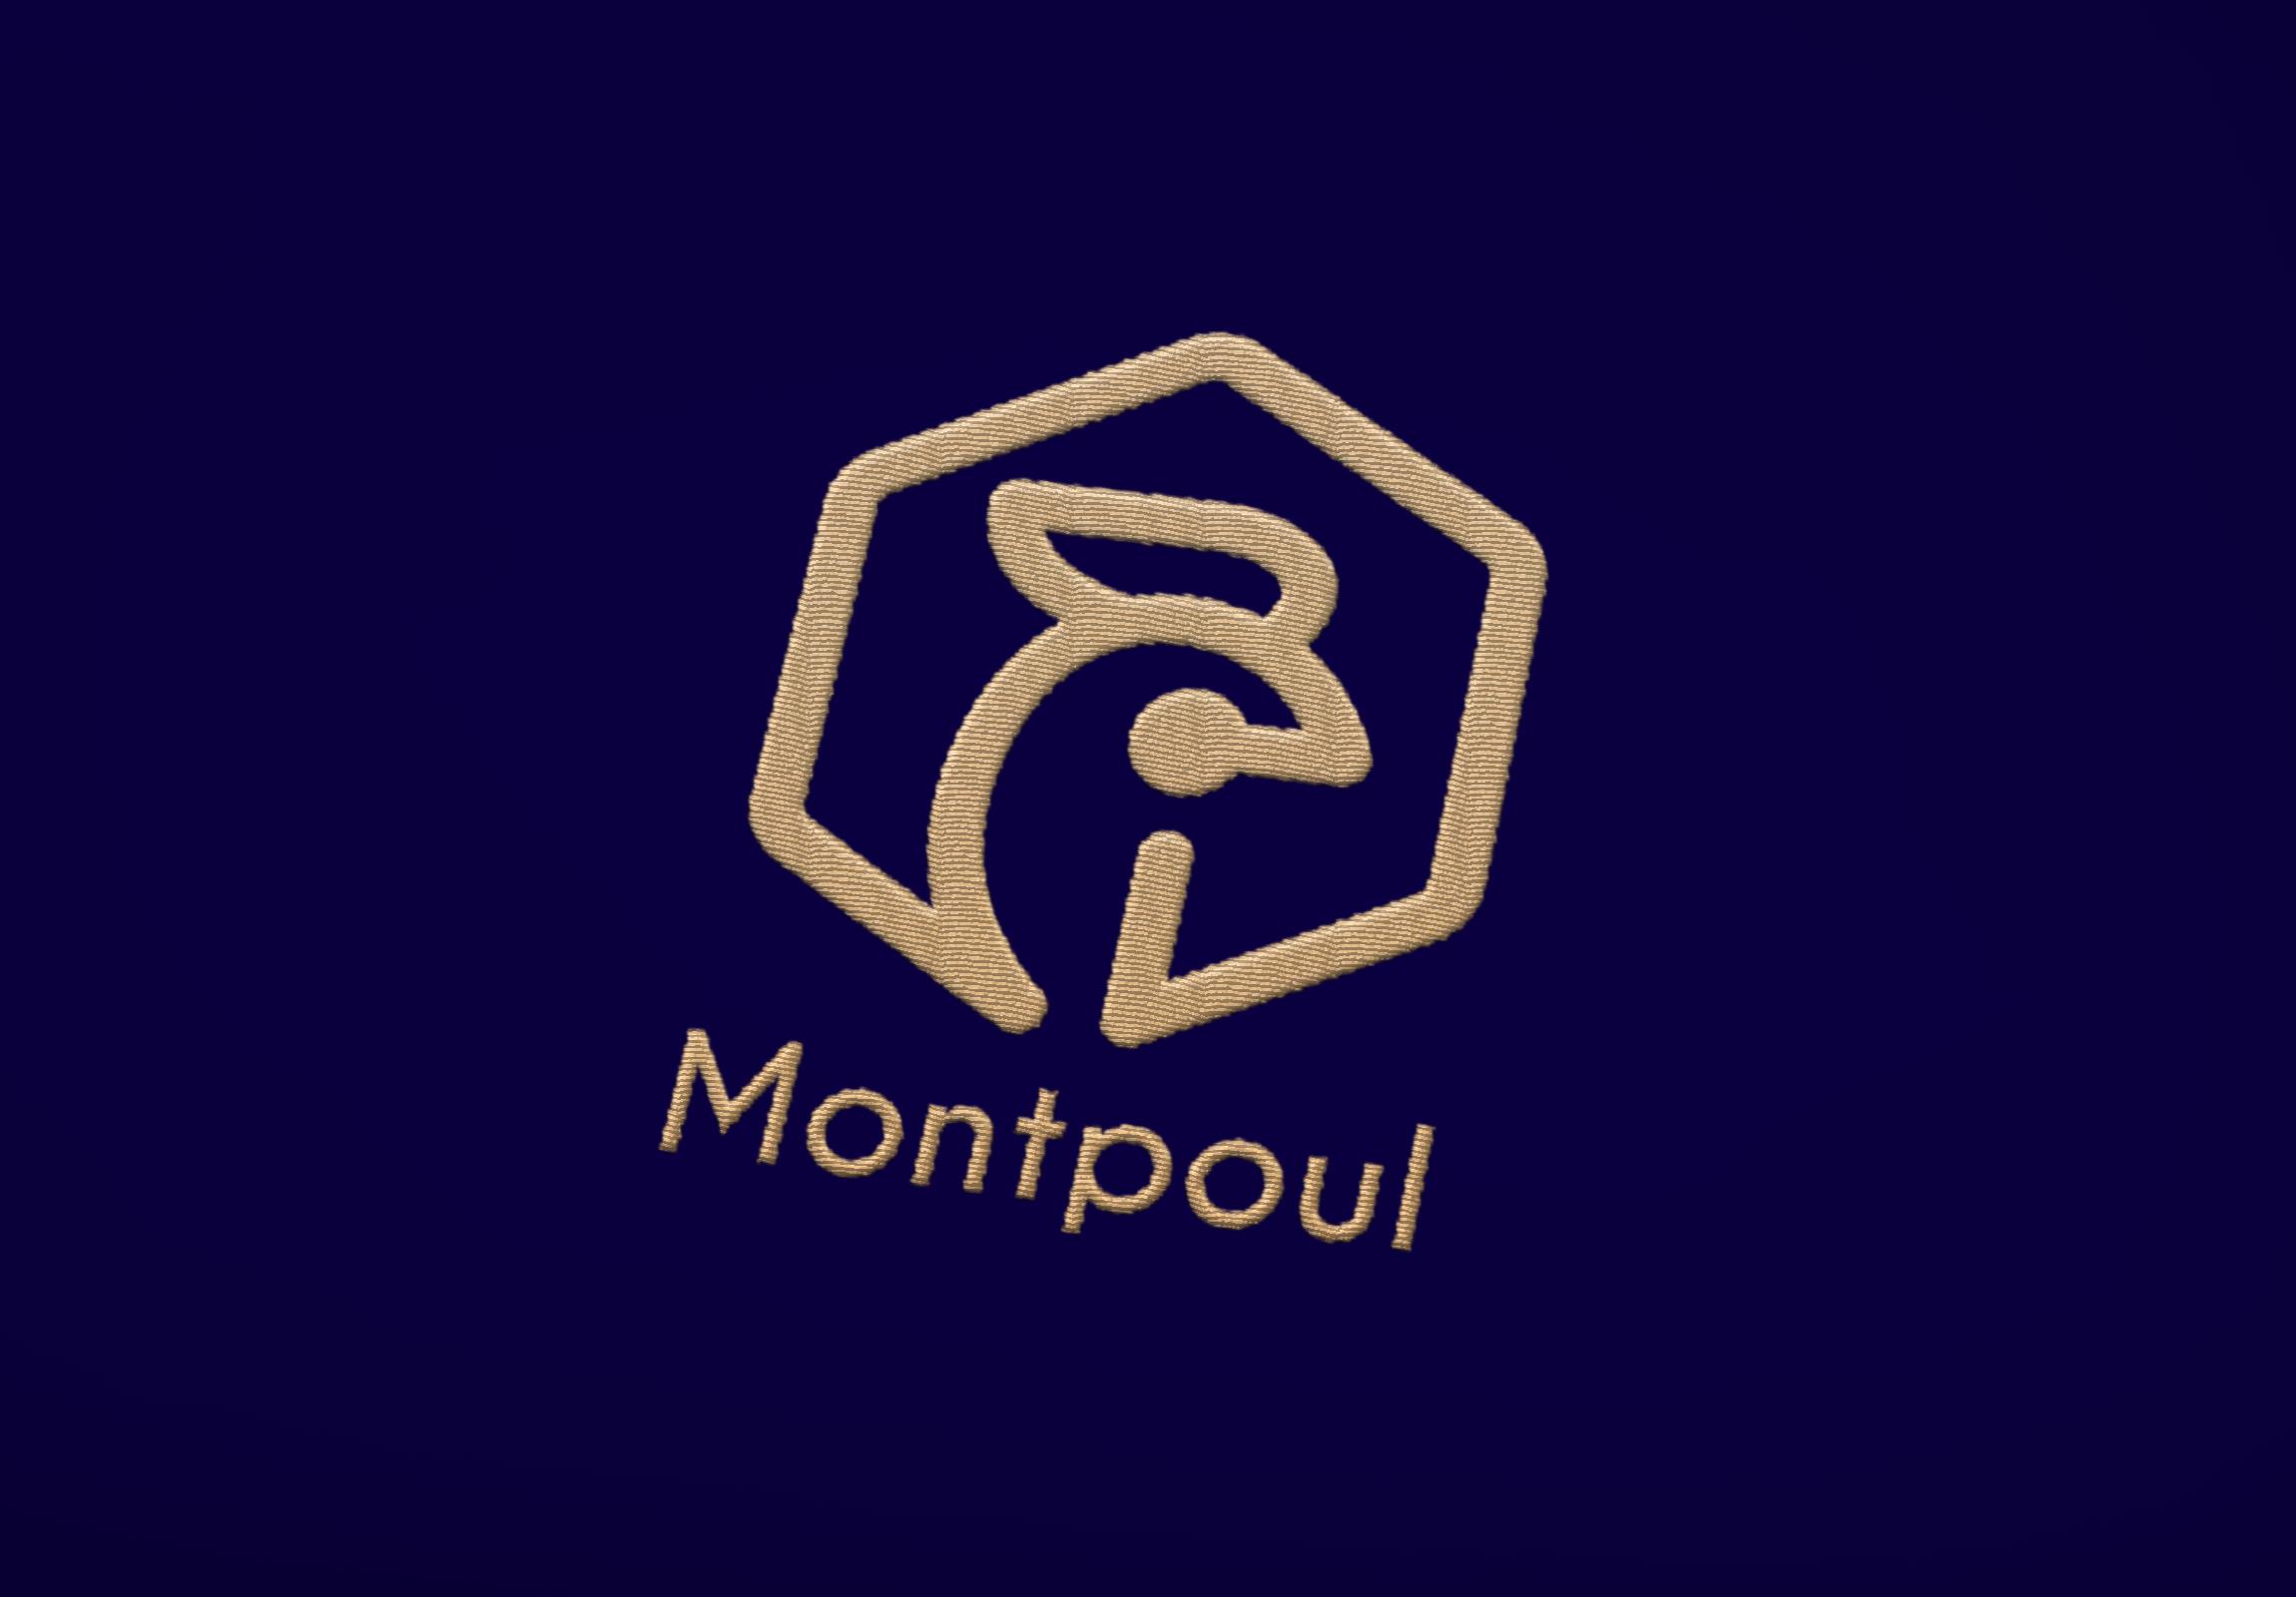 Logo Montpoul brodé